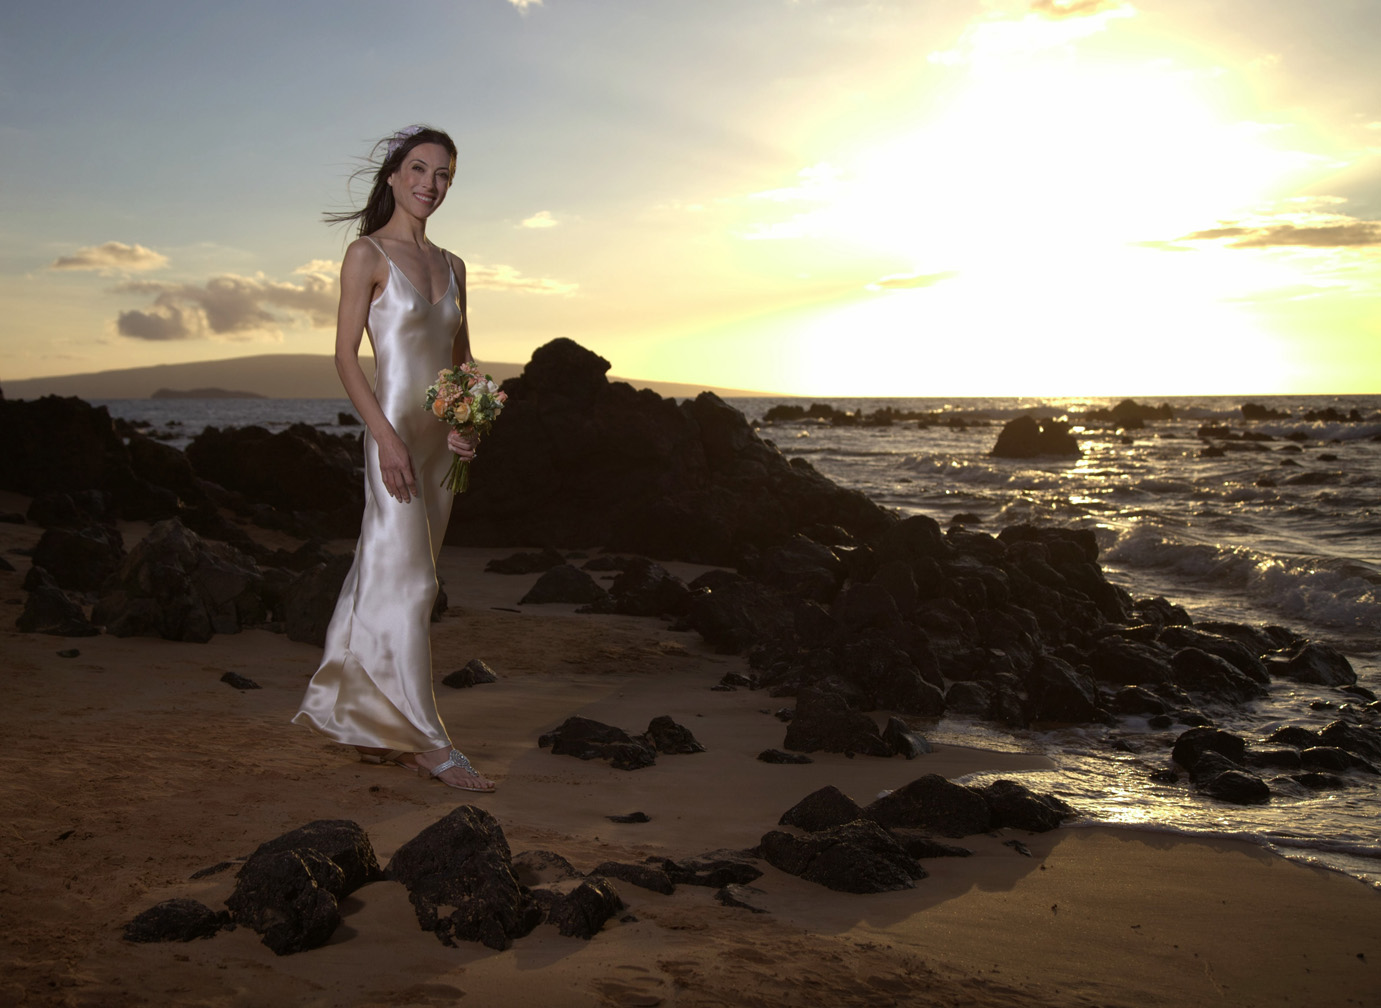 Nat_on_beach3